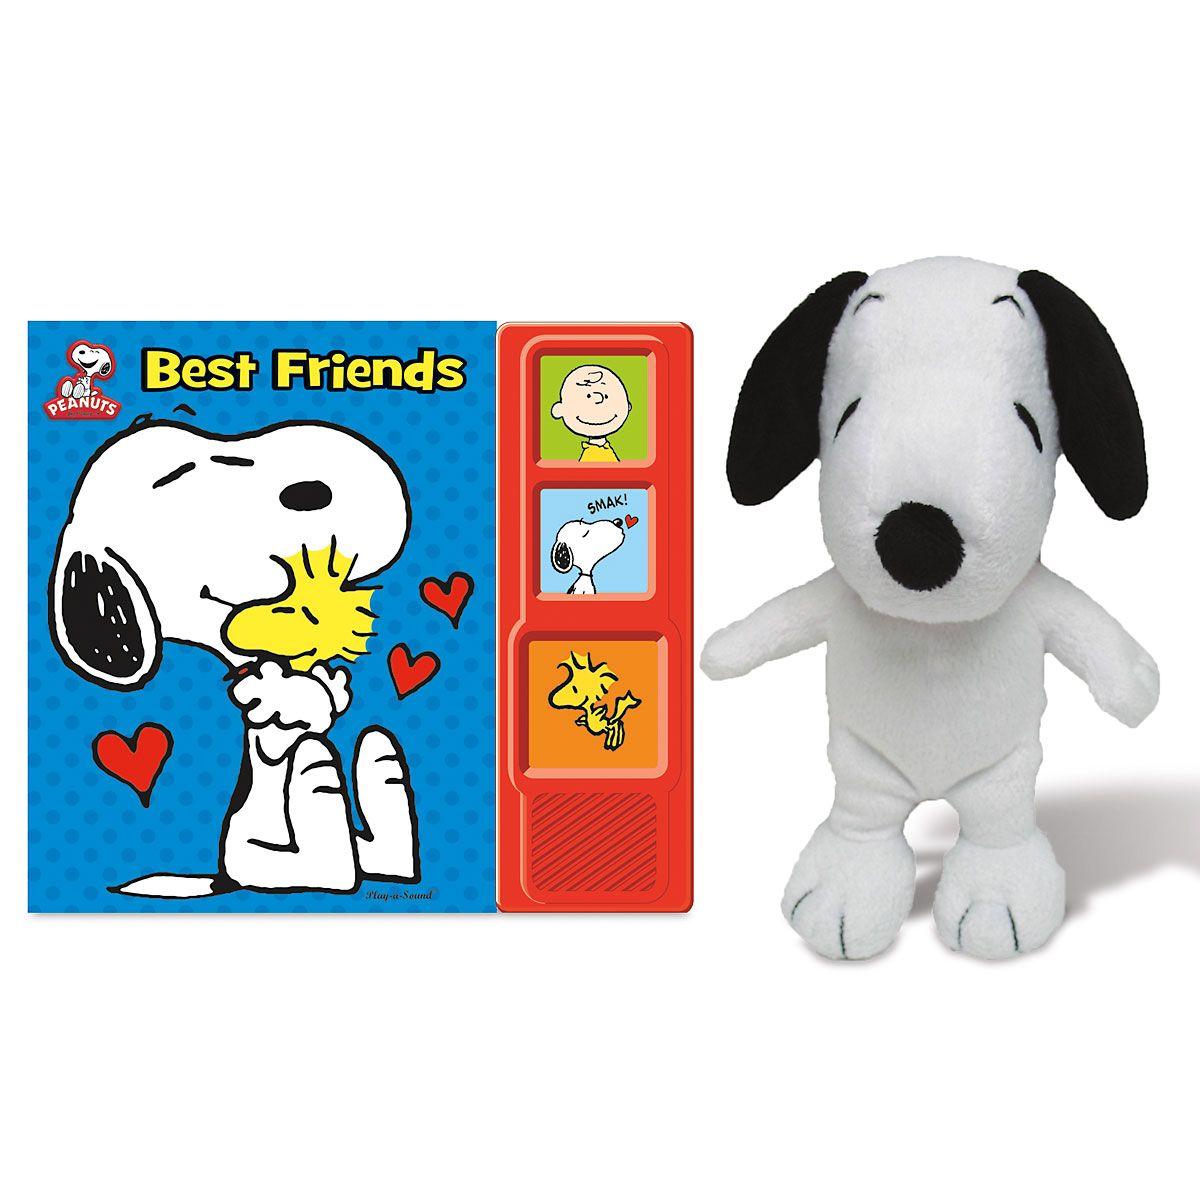 Best Friends Play-a-Sound® Book Set